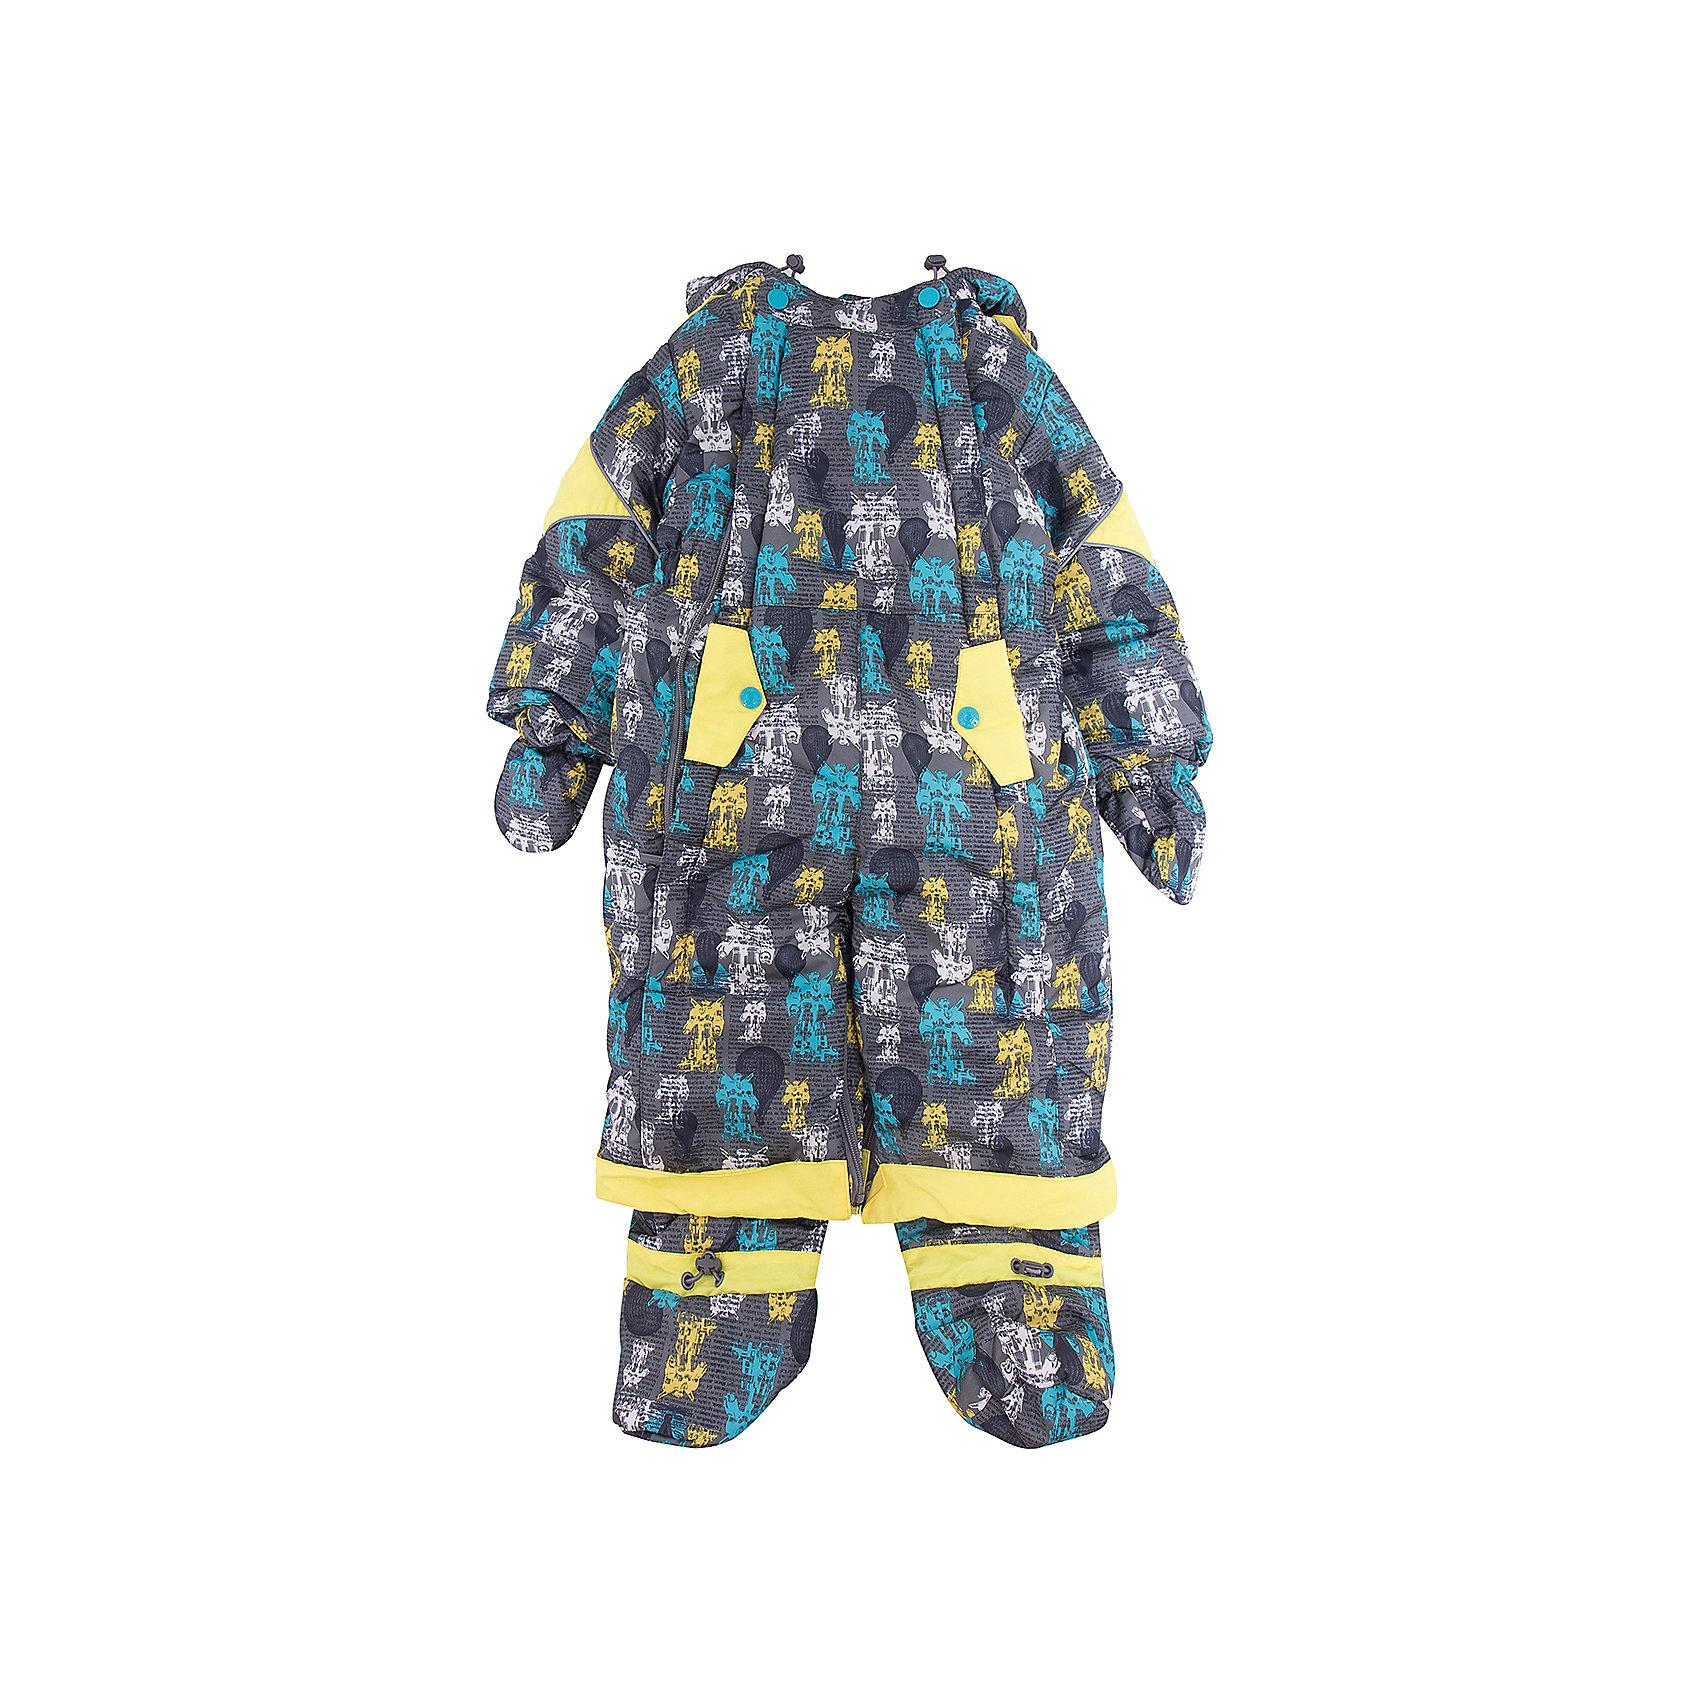 Комбинезон-трансформер Роботы OLDOS для мальчикаВерхняя одежда<br>Характеристики товара:<br><br>• цвет: серый<br>• состав ткани: 100% полиэстер, Teflon <br>• подкладка: хлопок<br>• утеплитель: Hollofan 200 г/м2<br>• подстежка: 60% шерсть, 40% полиэстер<br>• сезон: зима<br>• температурный режим: от -35 до 0<br>• застежка: молния<br>• капюшон: с мехом, несъемный<br>• пинетки, варежки, опушка отстегиваются<br>• трансформируется в конверт<br>• подстежка в комплекте<br>• страна бренда: Россия<br>• страна изготовитель: Россия<br><br>Комбинезон-трансформер декорирован оригинальным принтом. Верх детского комбинезона со специальной пропиткой. Мягкая подкладка детского комбинезона-трансформера для зимы приятна на ощупь. Теплый комбинезон-трансформер дополнен съемными пинетками, рукавичками и подстежкой. <br><br>Комбинезон-трансформер Роботы Oldos (Олдос) для мальчика можно купить в нашем интернет-магазине.<br><br>Ширина мм: 356<br>Глубина мм: 10<br>Высота мм: 245<br>Вес г: 519<br>Цвет: серый<br>Возраст от месяцев: 6<br>Возраст до месяцев: 9<br>Пол: Мужской<br>Возраст: Детский<br>Размер: 74,86,80<br>SKU: 7016805